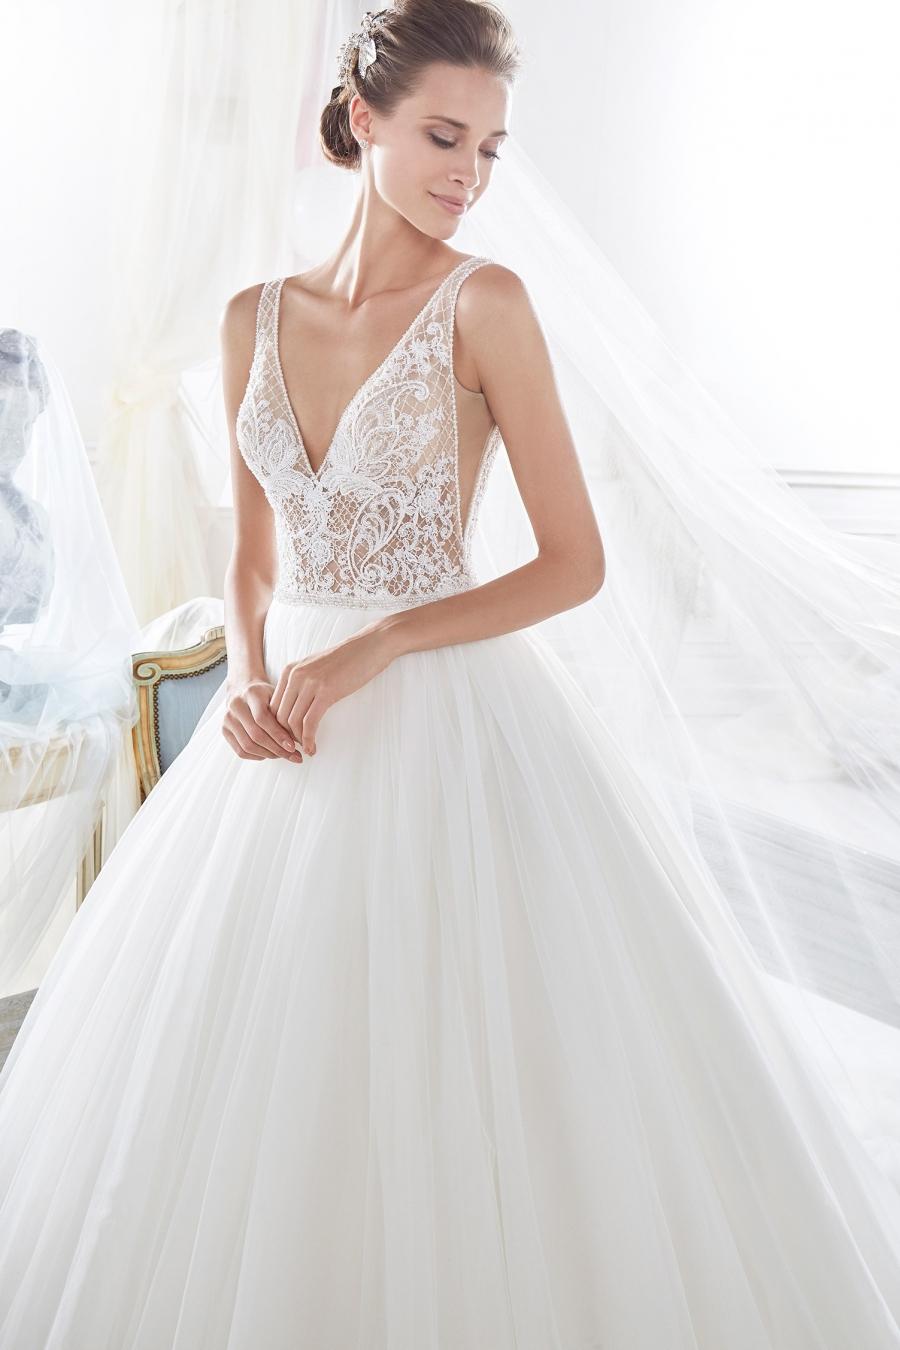 10 Tul Vestidos Novia Confeccionados En De 6q7prfw6